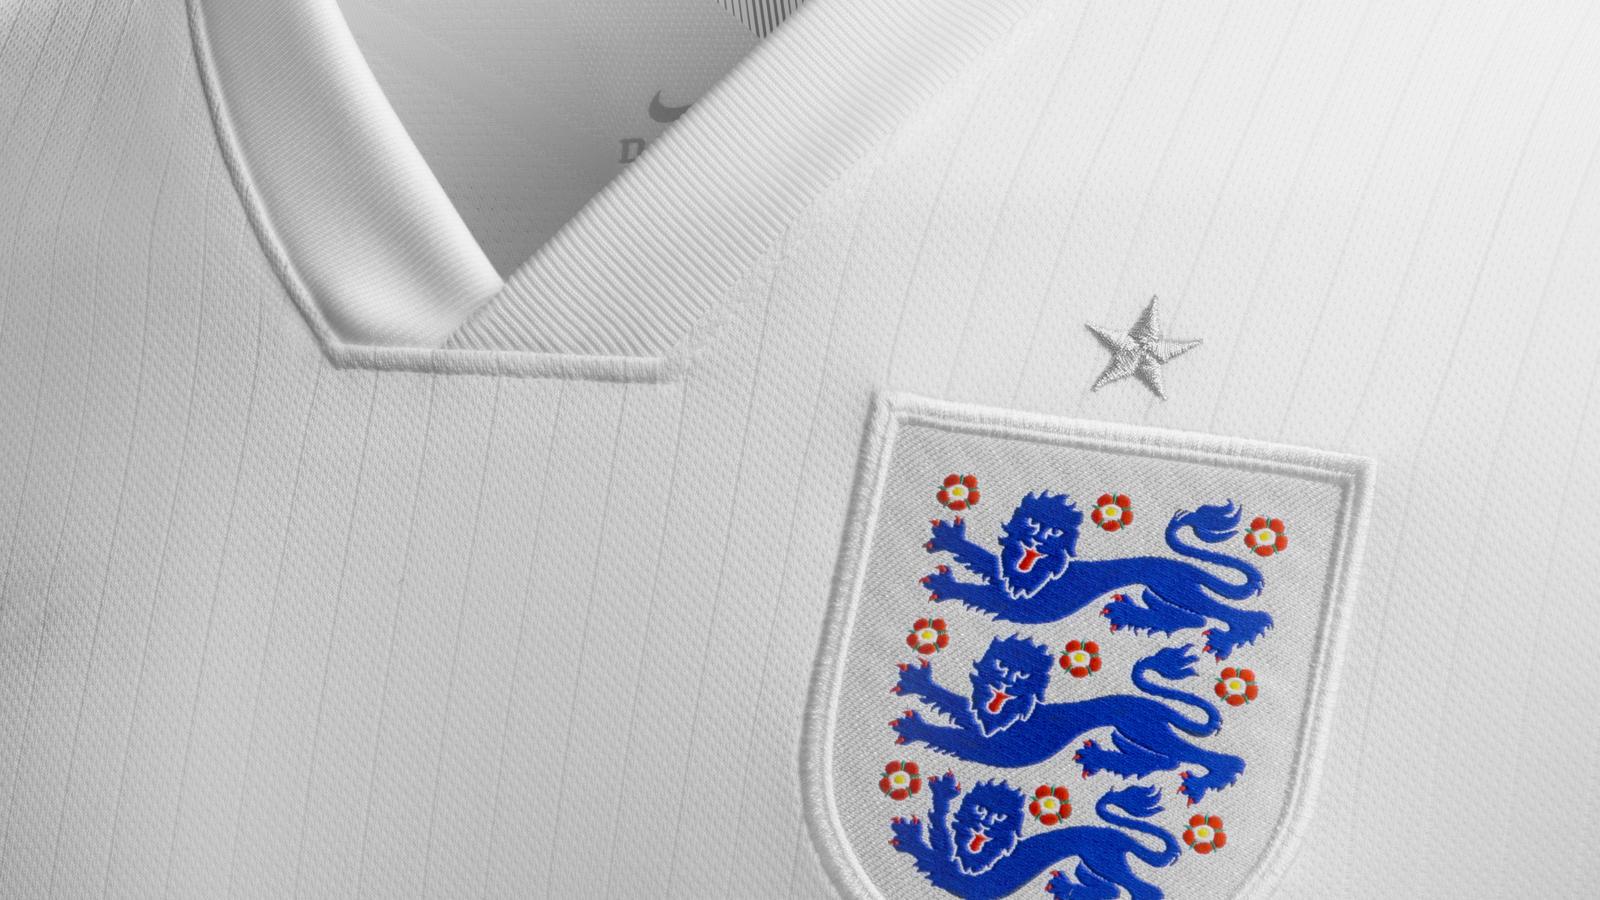 England home shirt (crest)